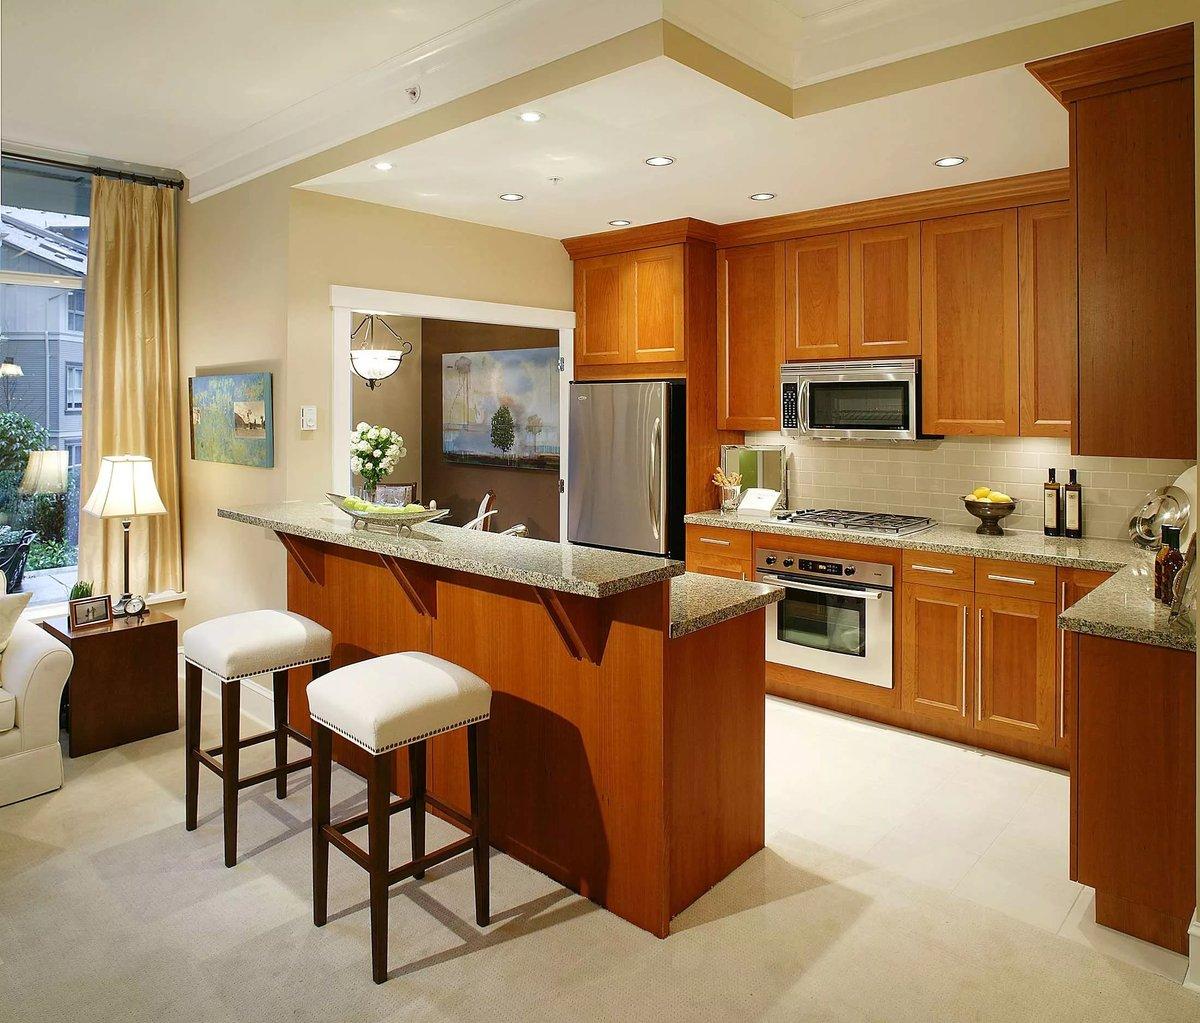 дизайн дневной и кухни фото правильном оформлении, стиль